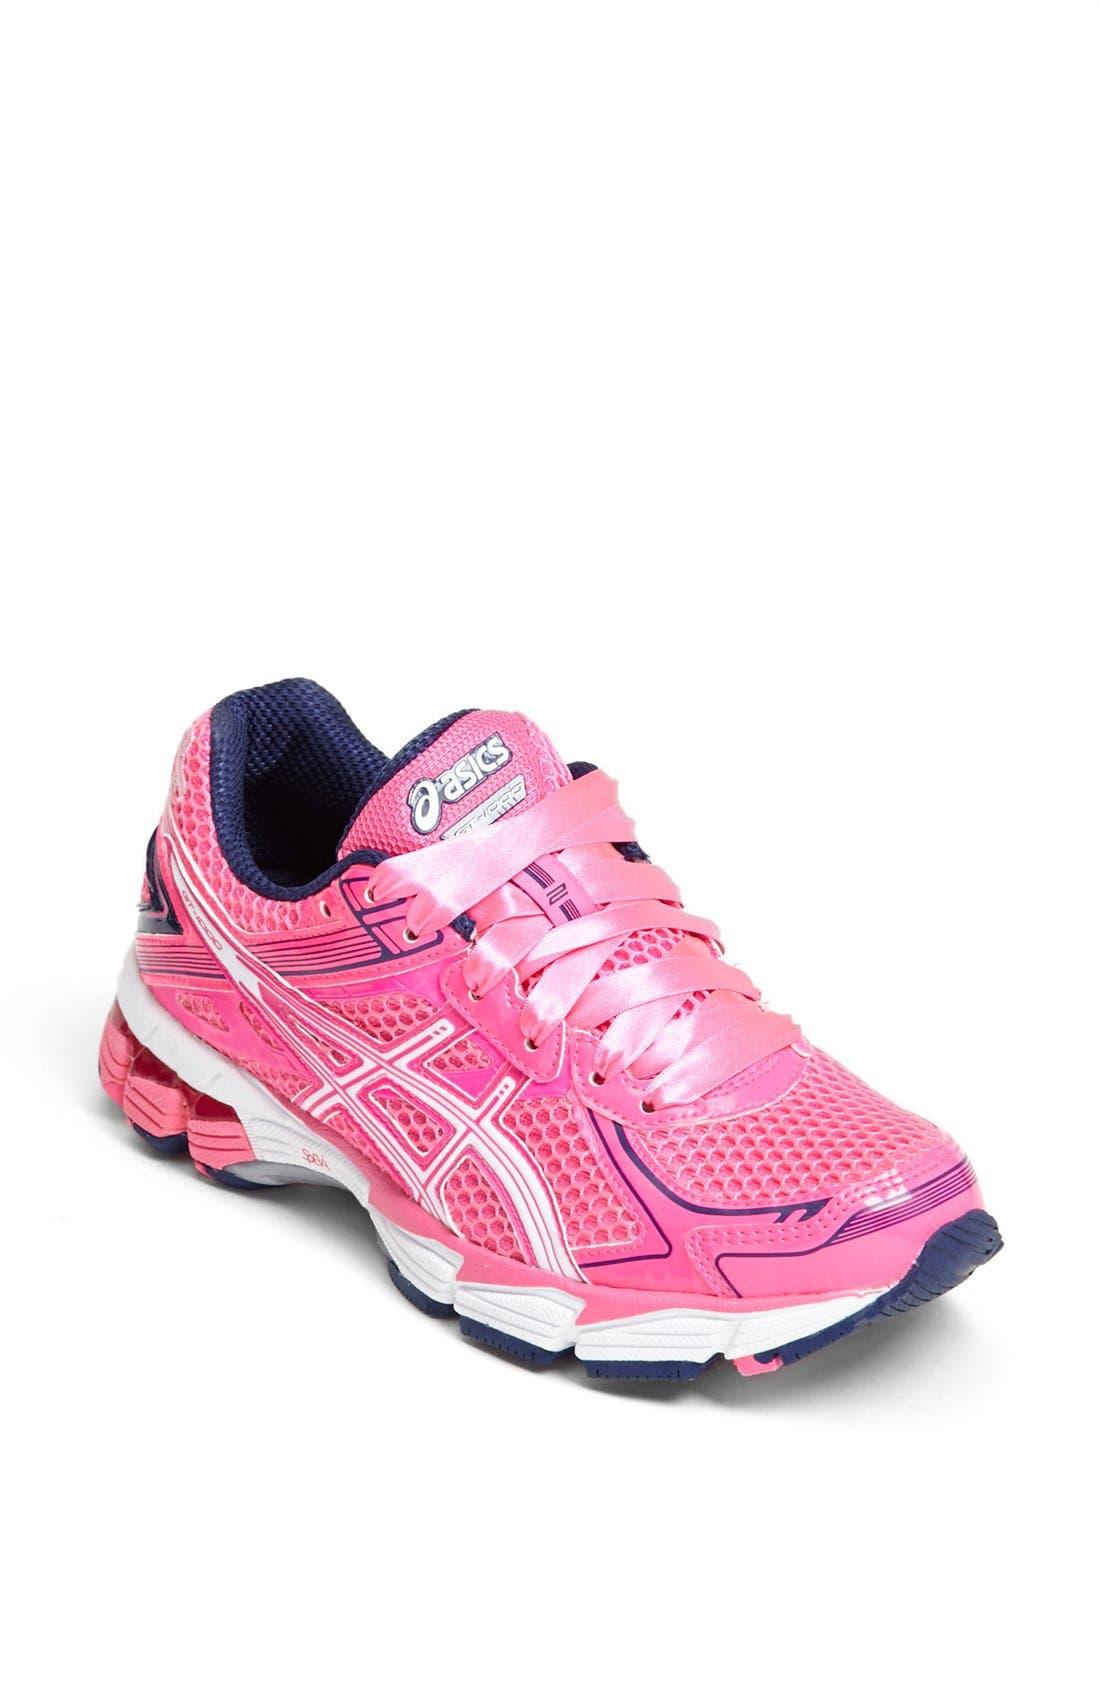 Alternate Image 1 Selected - ASICS® 'GT 1000 PR 2' Running Shoe (Women)